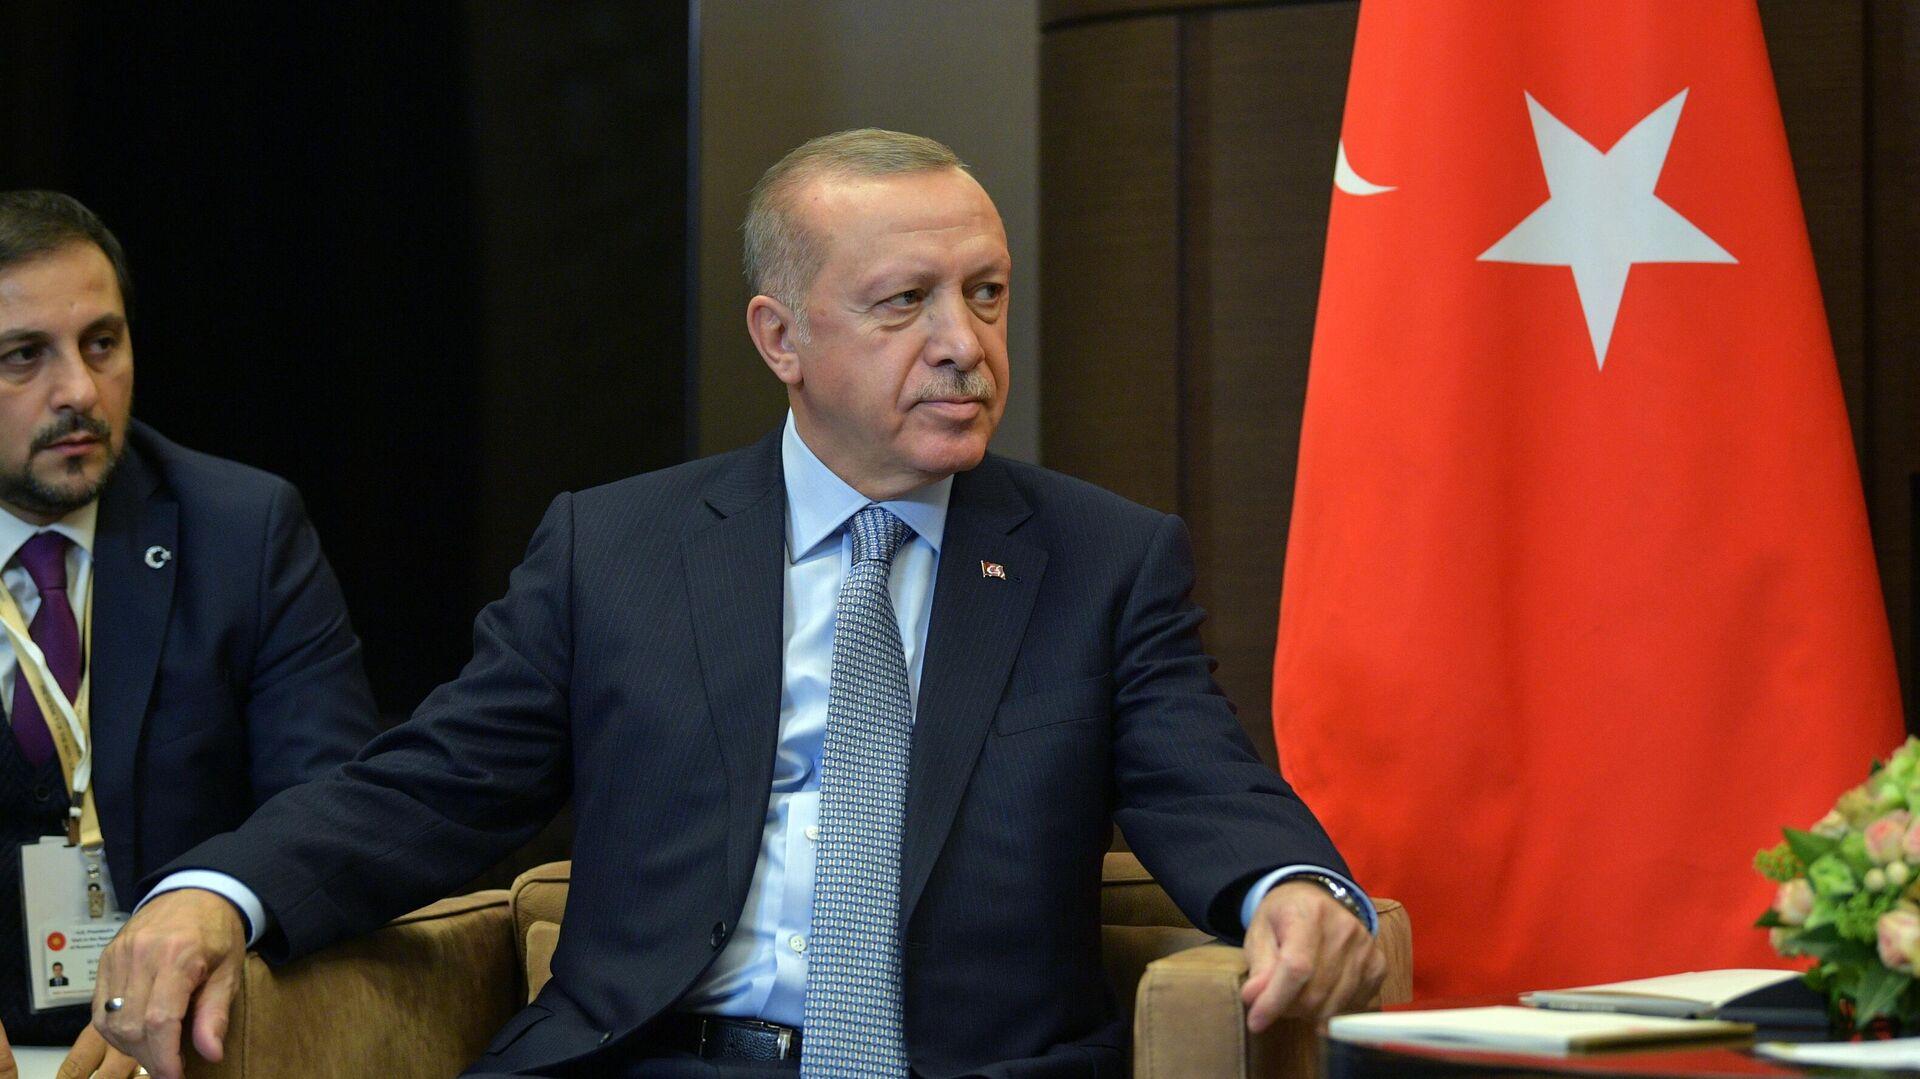 Президент Турции Реджеп Тайип Эрдоган во время встречи с президентом РФ Владимиром Путиным - РИА Новости, 1920, 12.01.2021